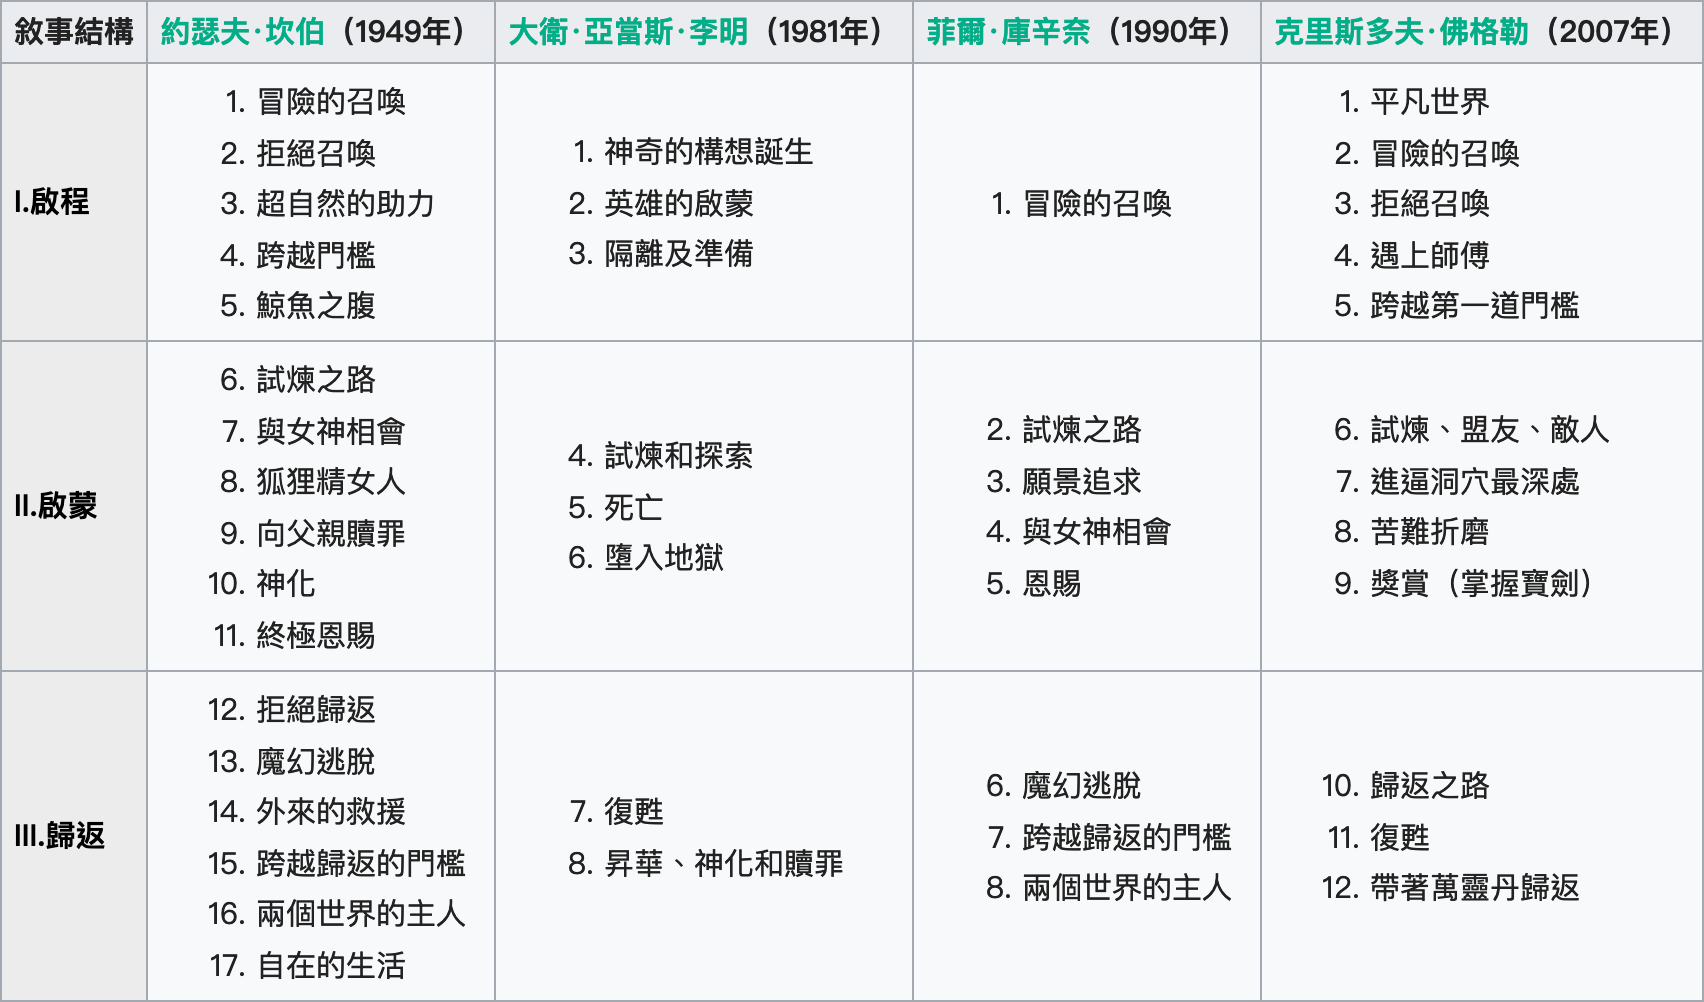 英雄之旅模式的啓程、啓蒙、歸來三部分,以及 17 個階段 https://zh.wikipedia.org/wiki/%E8%8B%B1%E9%9B%84%E6%97%85%E7%A8%8B